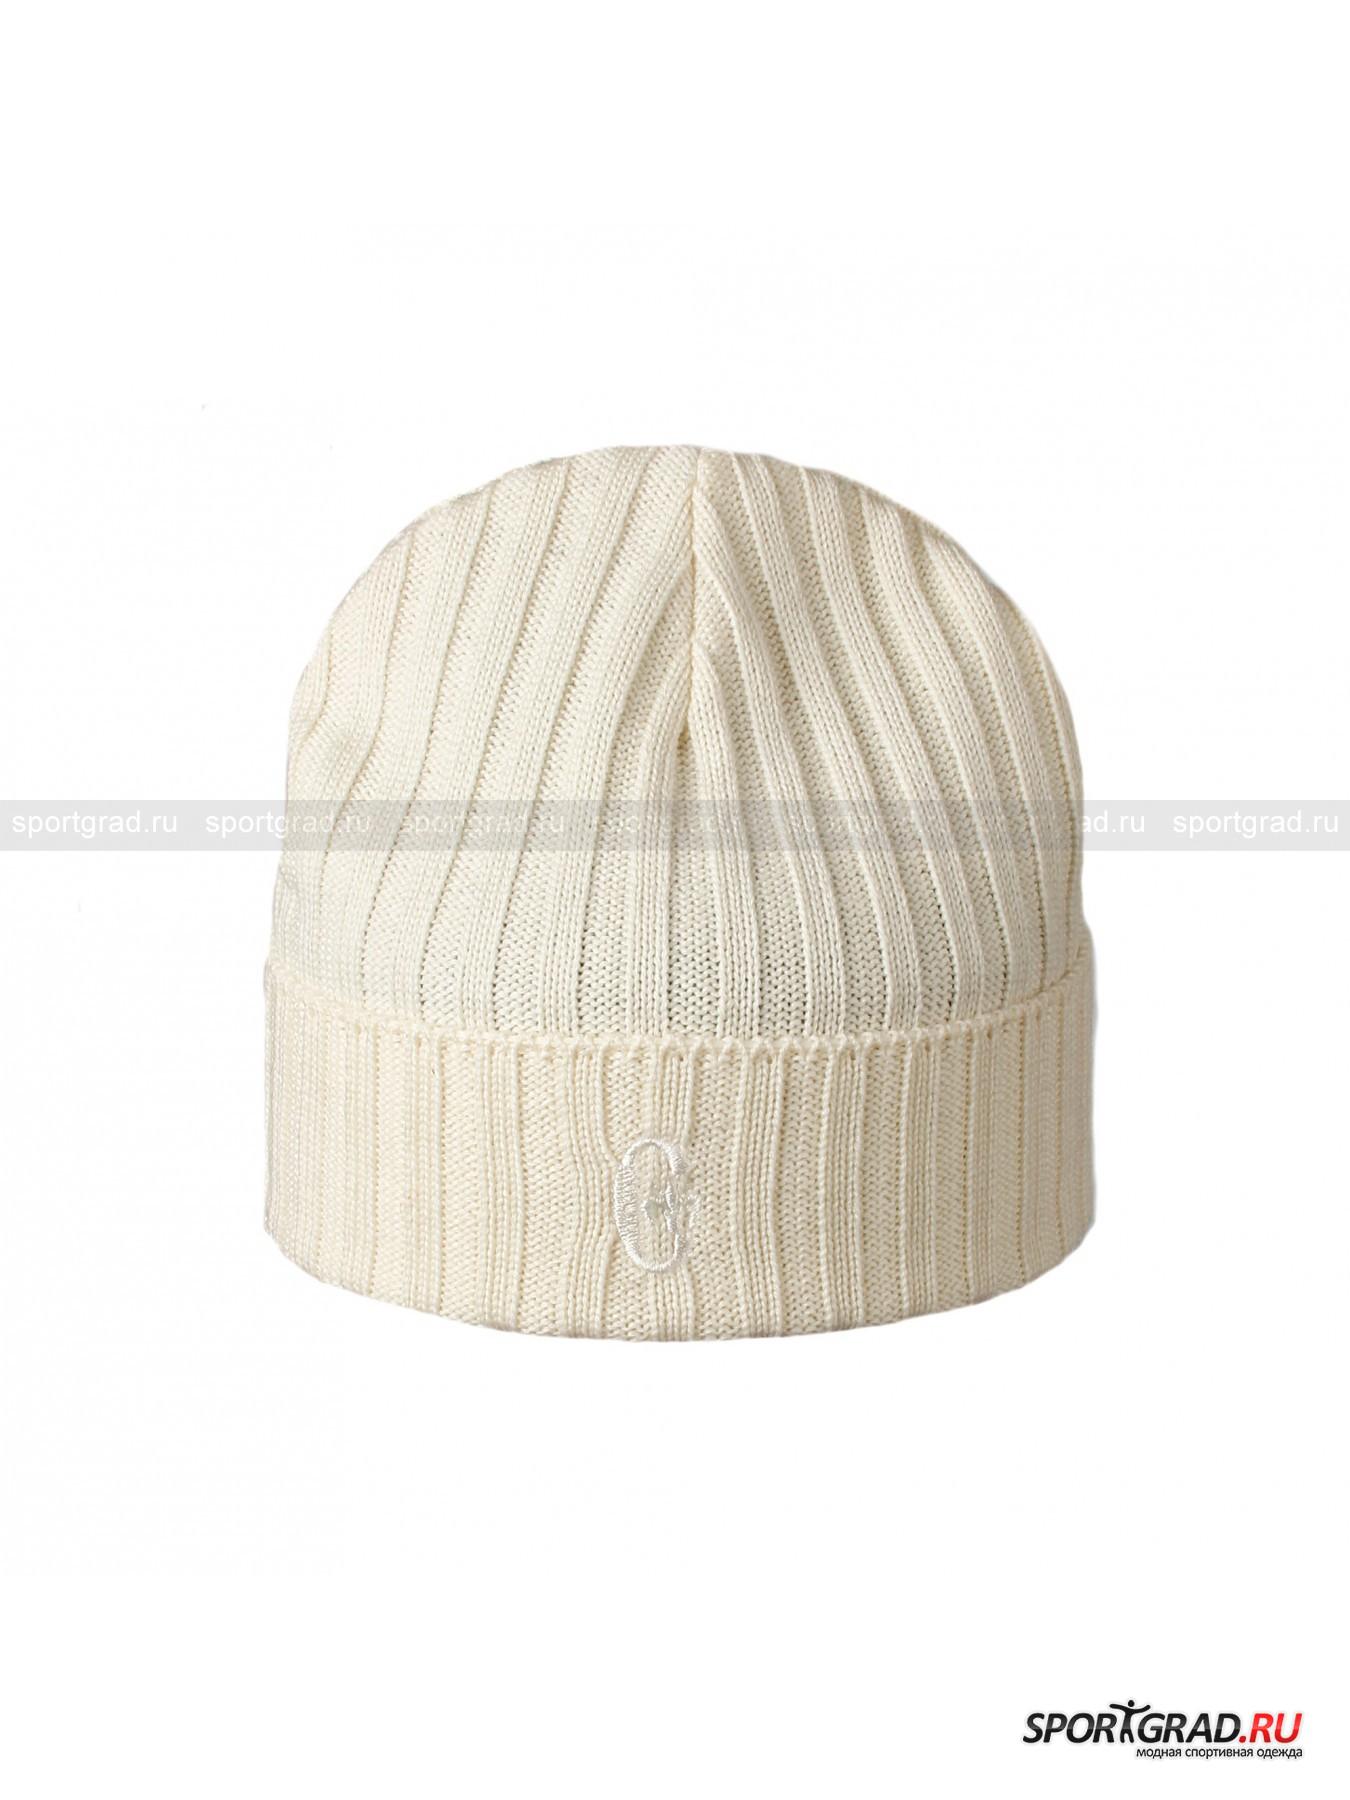 Мужская вязаная шапка-бини Conte of FlorenceГоловные Уборы<br>Вязаная однотонная мужская шапка-бини Conte of Florence – культовая вещь, способная подчеркнуть Вашу индивидуальность и чувство стиля. Являясь непременным аксессуаром этой зимы, модель не отвлекает внимания от основного наряда и сочетается с пиджаками, пальто, парками или куртками.<br>Изготовленное из 100%, но не колючей шерсти, изделие плотно облегает голову, «дышит» и хранит тепло за счет извилистости волокон, задерживающих в воздушный «карманах» воздух. Подворот наружу, украшенный вышивкой, изображающей символ торговой марки, защищает уши от холода и дополнительно утепляет.<br>Длина окружности 48, 5 см.<br><br>Возраст: Взрослый<br>Тип: Головные Уборы<br>Рекомендации по уходу: Изделию показана ручная стирка при температуре не выше 30°, глажка при температуре, не превышающей 110°, химчистка на основе перхлорэтилена. Запрещены отбеливание и сушка в стиральной машине или электросушилке для белья.<br>Состав: 100% шерсть